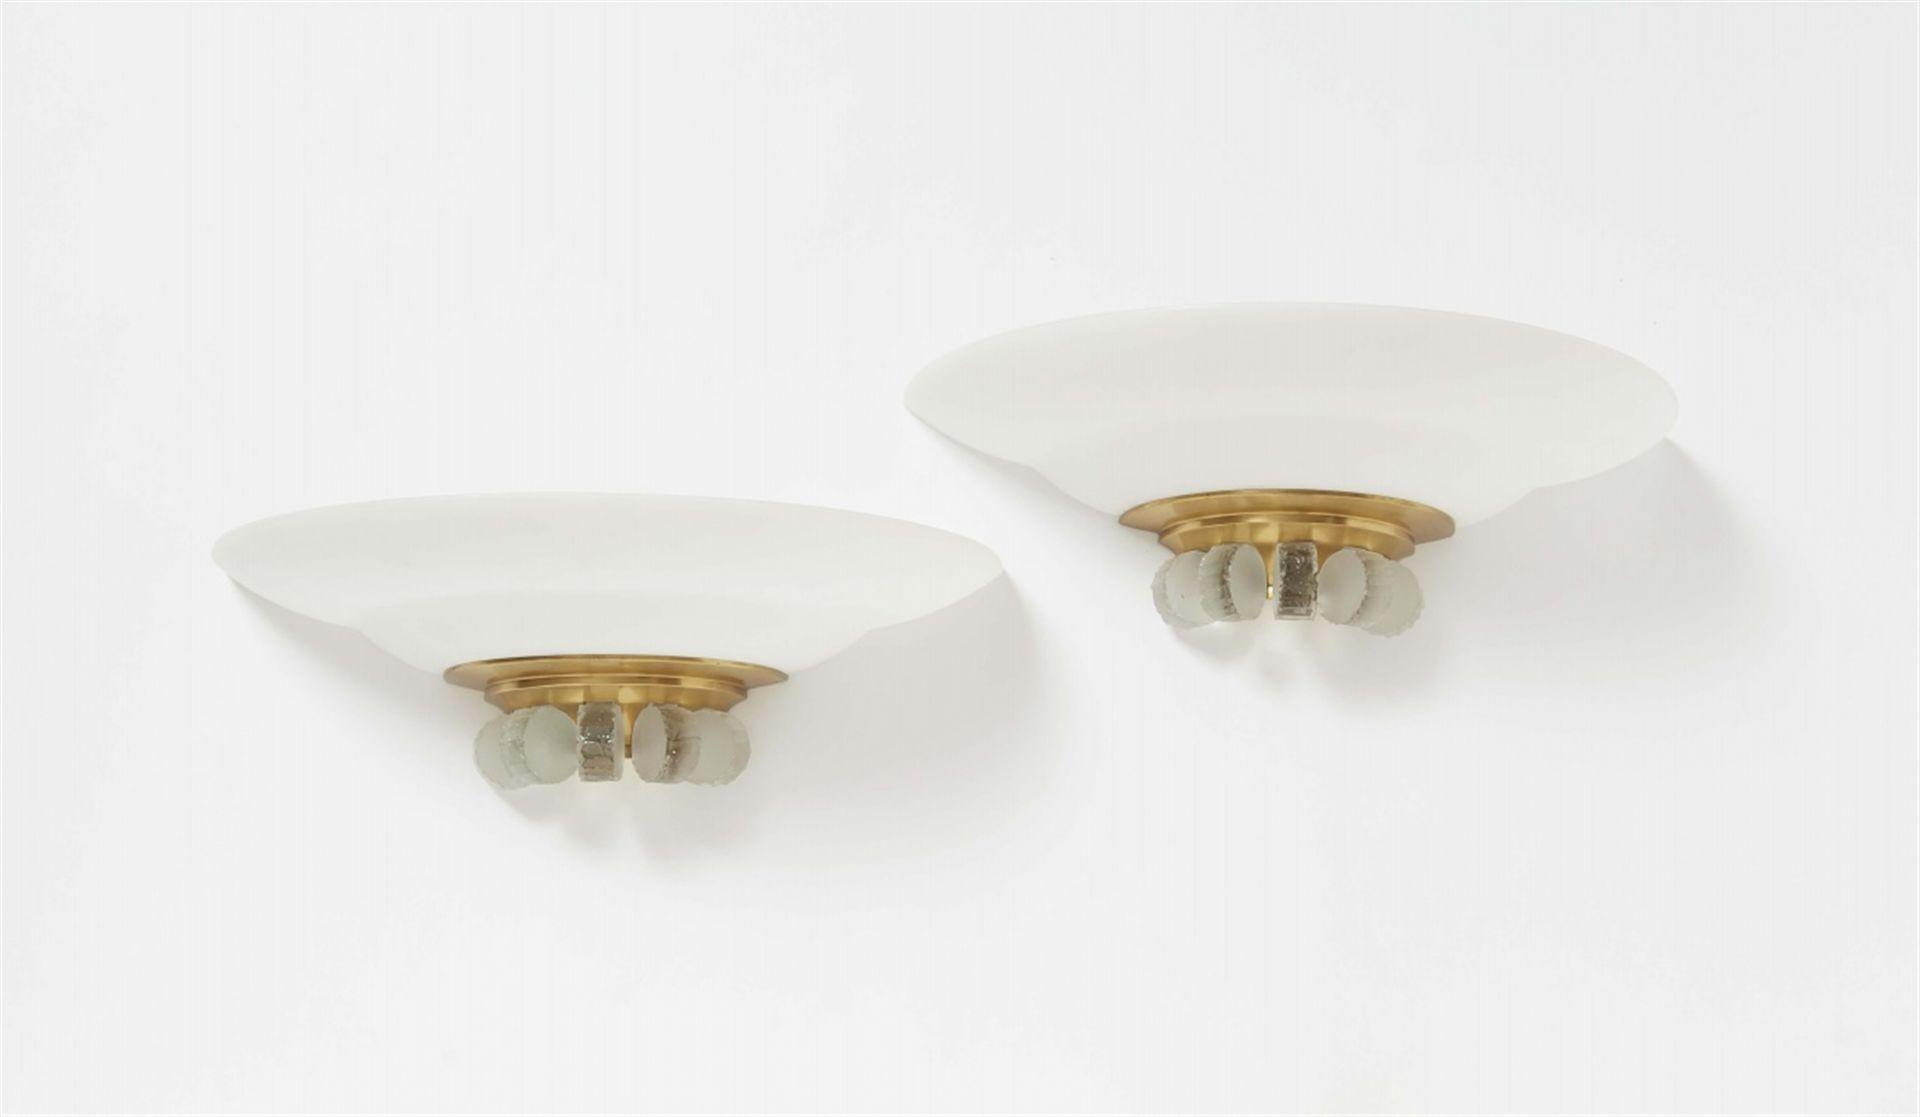 Paar Appliques von Jean PerzelSatiniertes Glas und geschliffenes Klarglas, vergoldete, innen